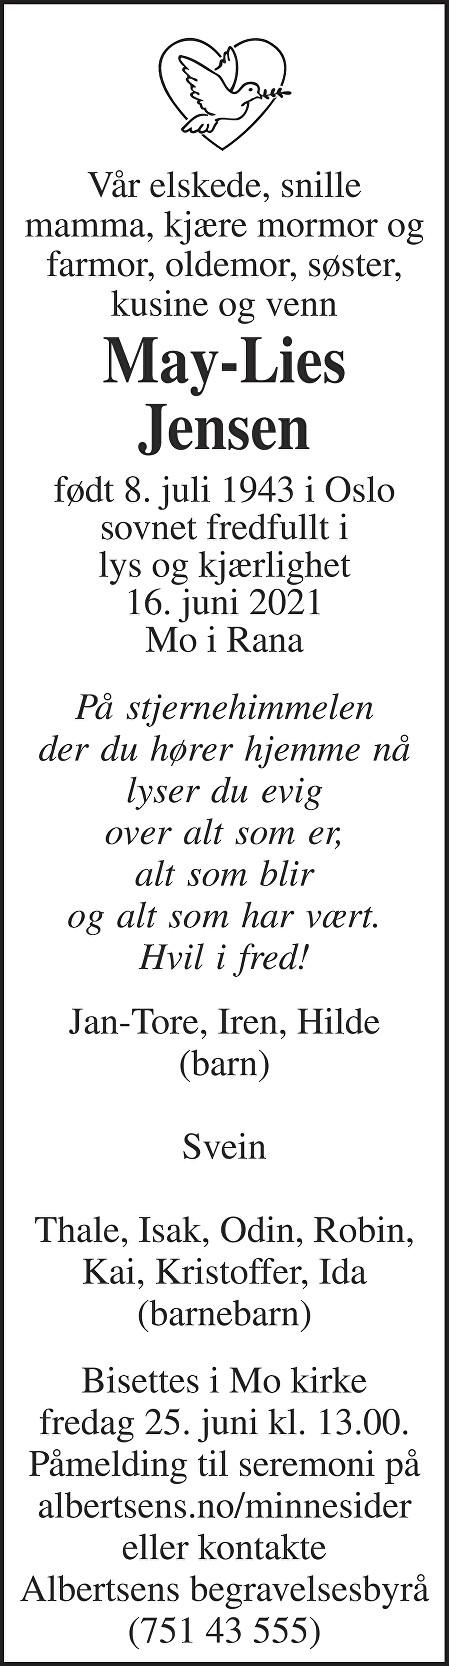 May-Lies Jensen Dødsannonse